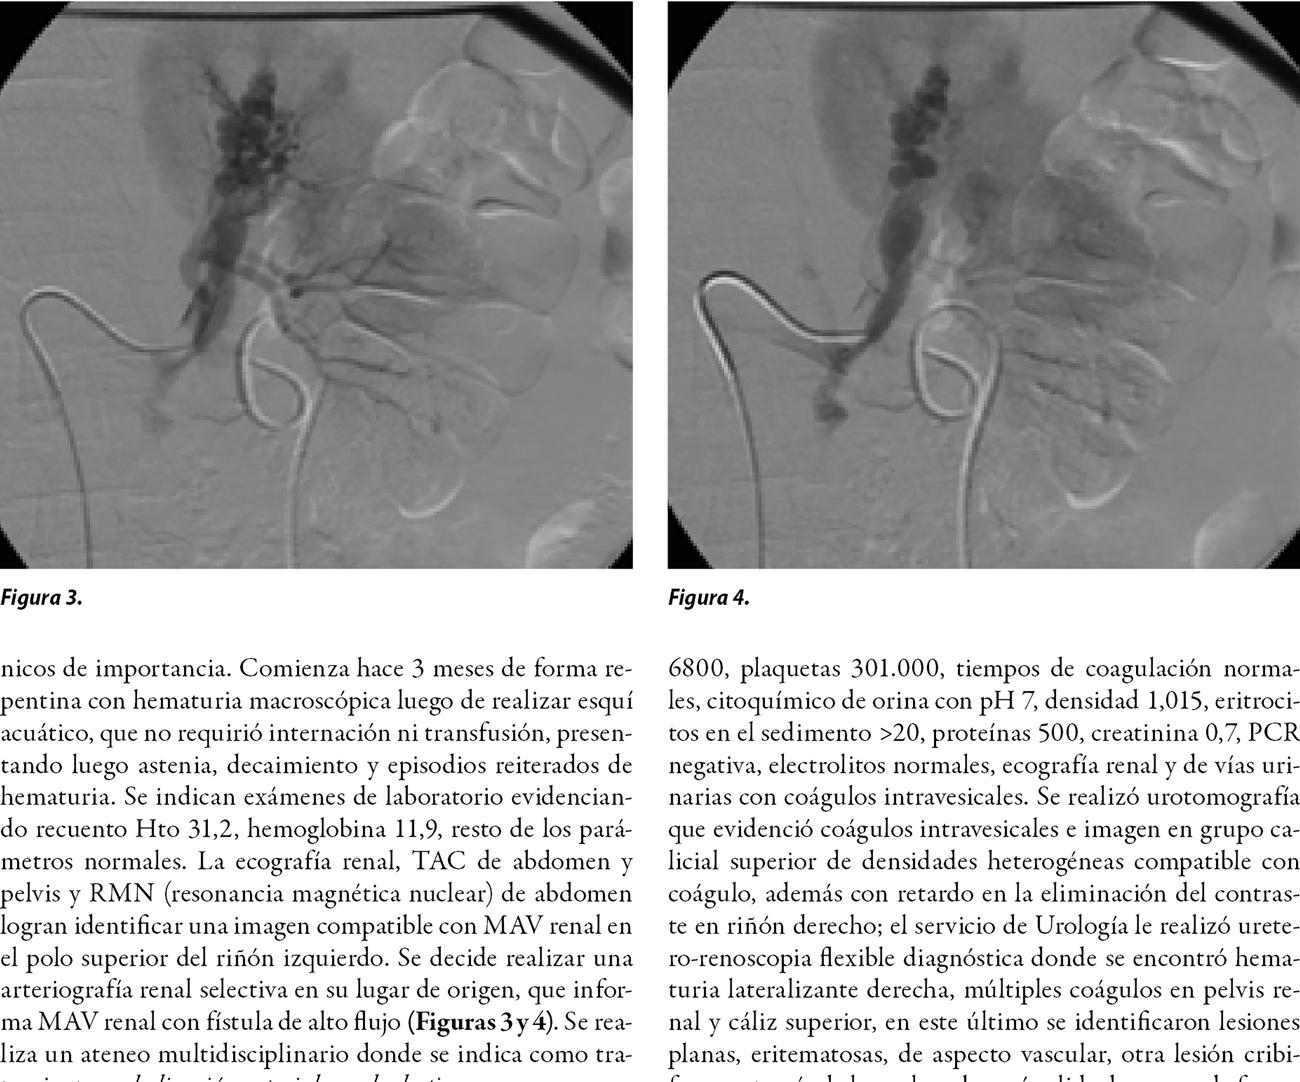 Manejo endovascular en pacientes con malformación vascular renal: revisión de la literatura y la experiencia de 2 casos